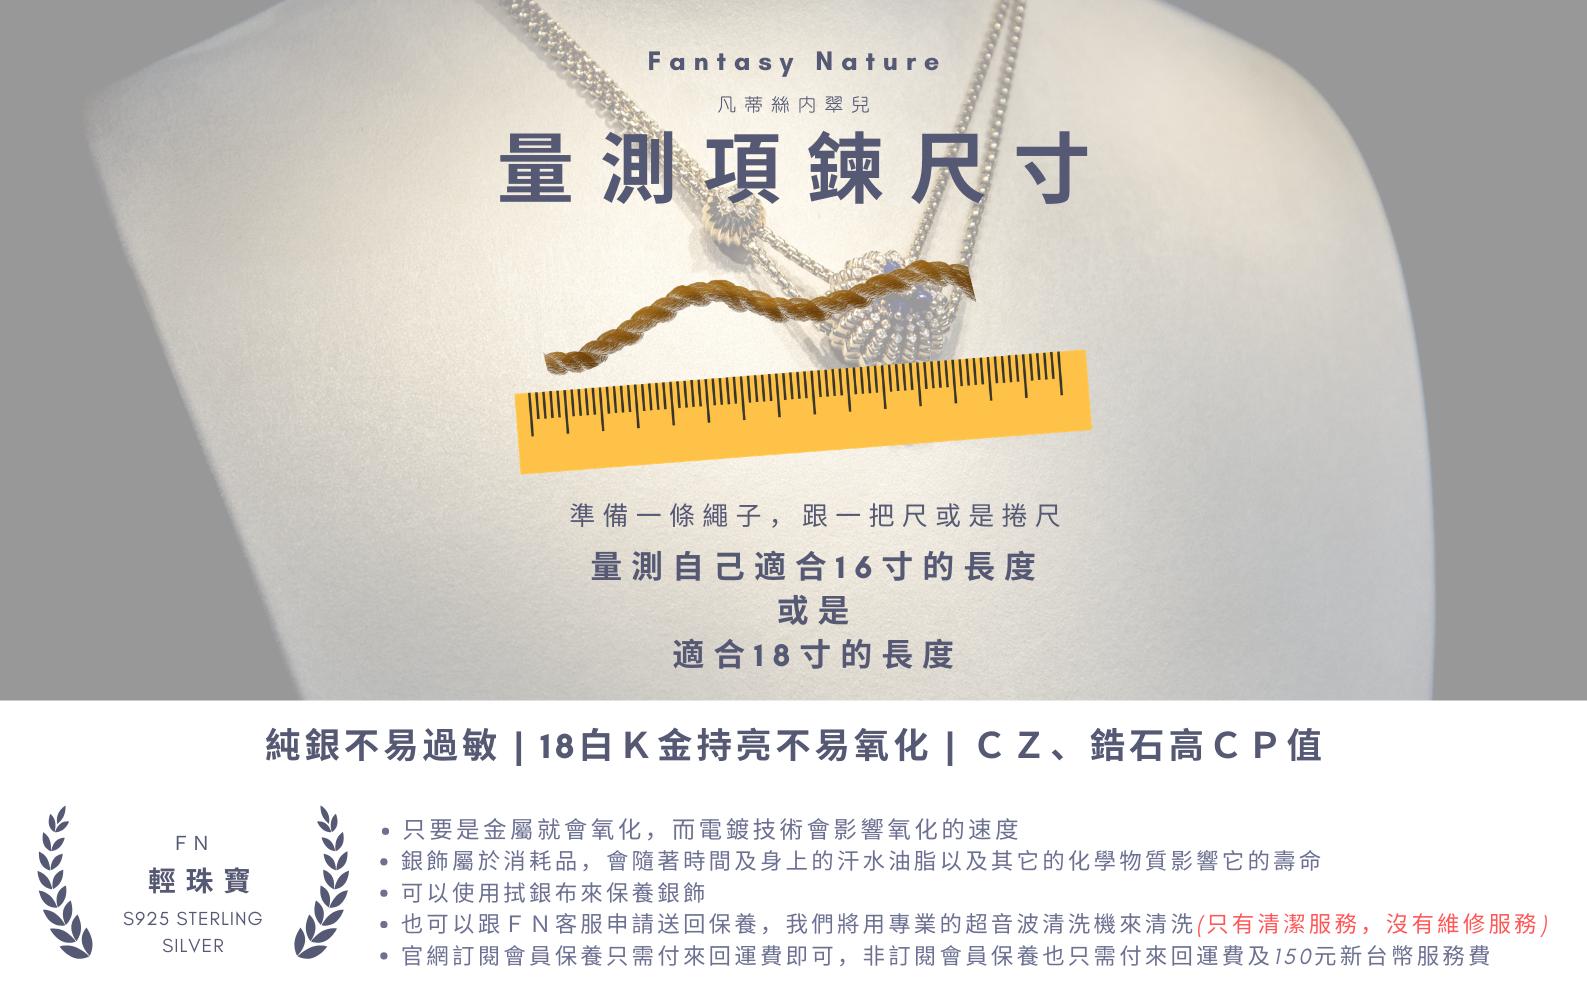 Fantasy Nature 輕珠寶館鍊長量測簡介.png